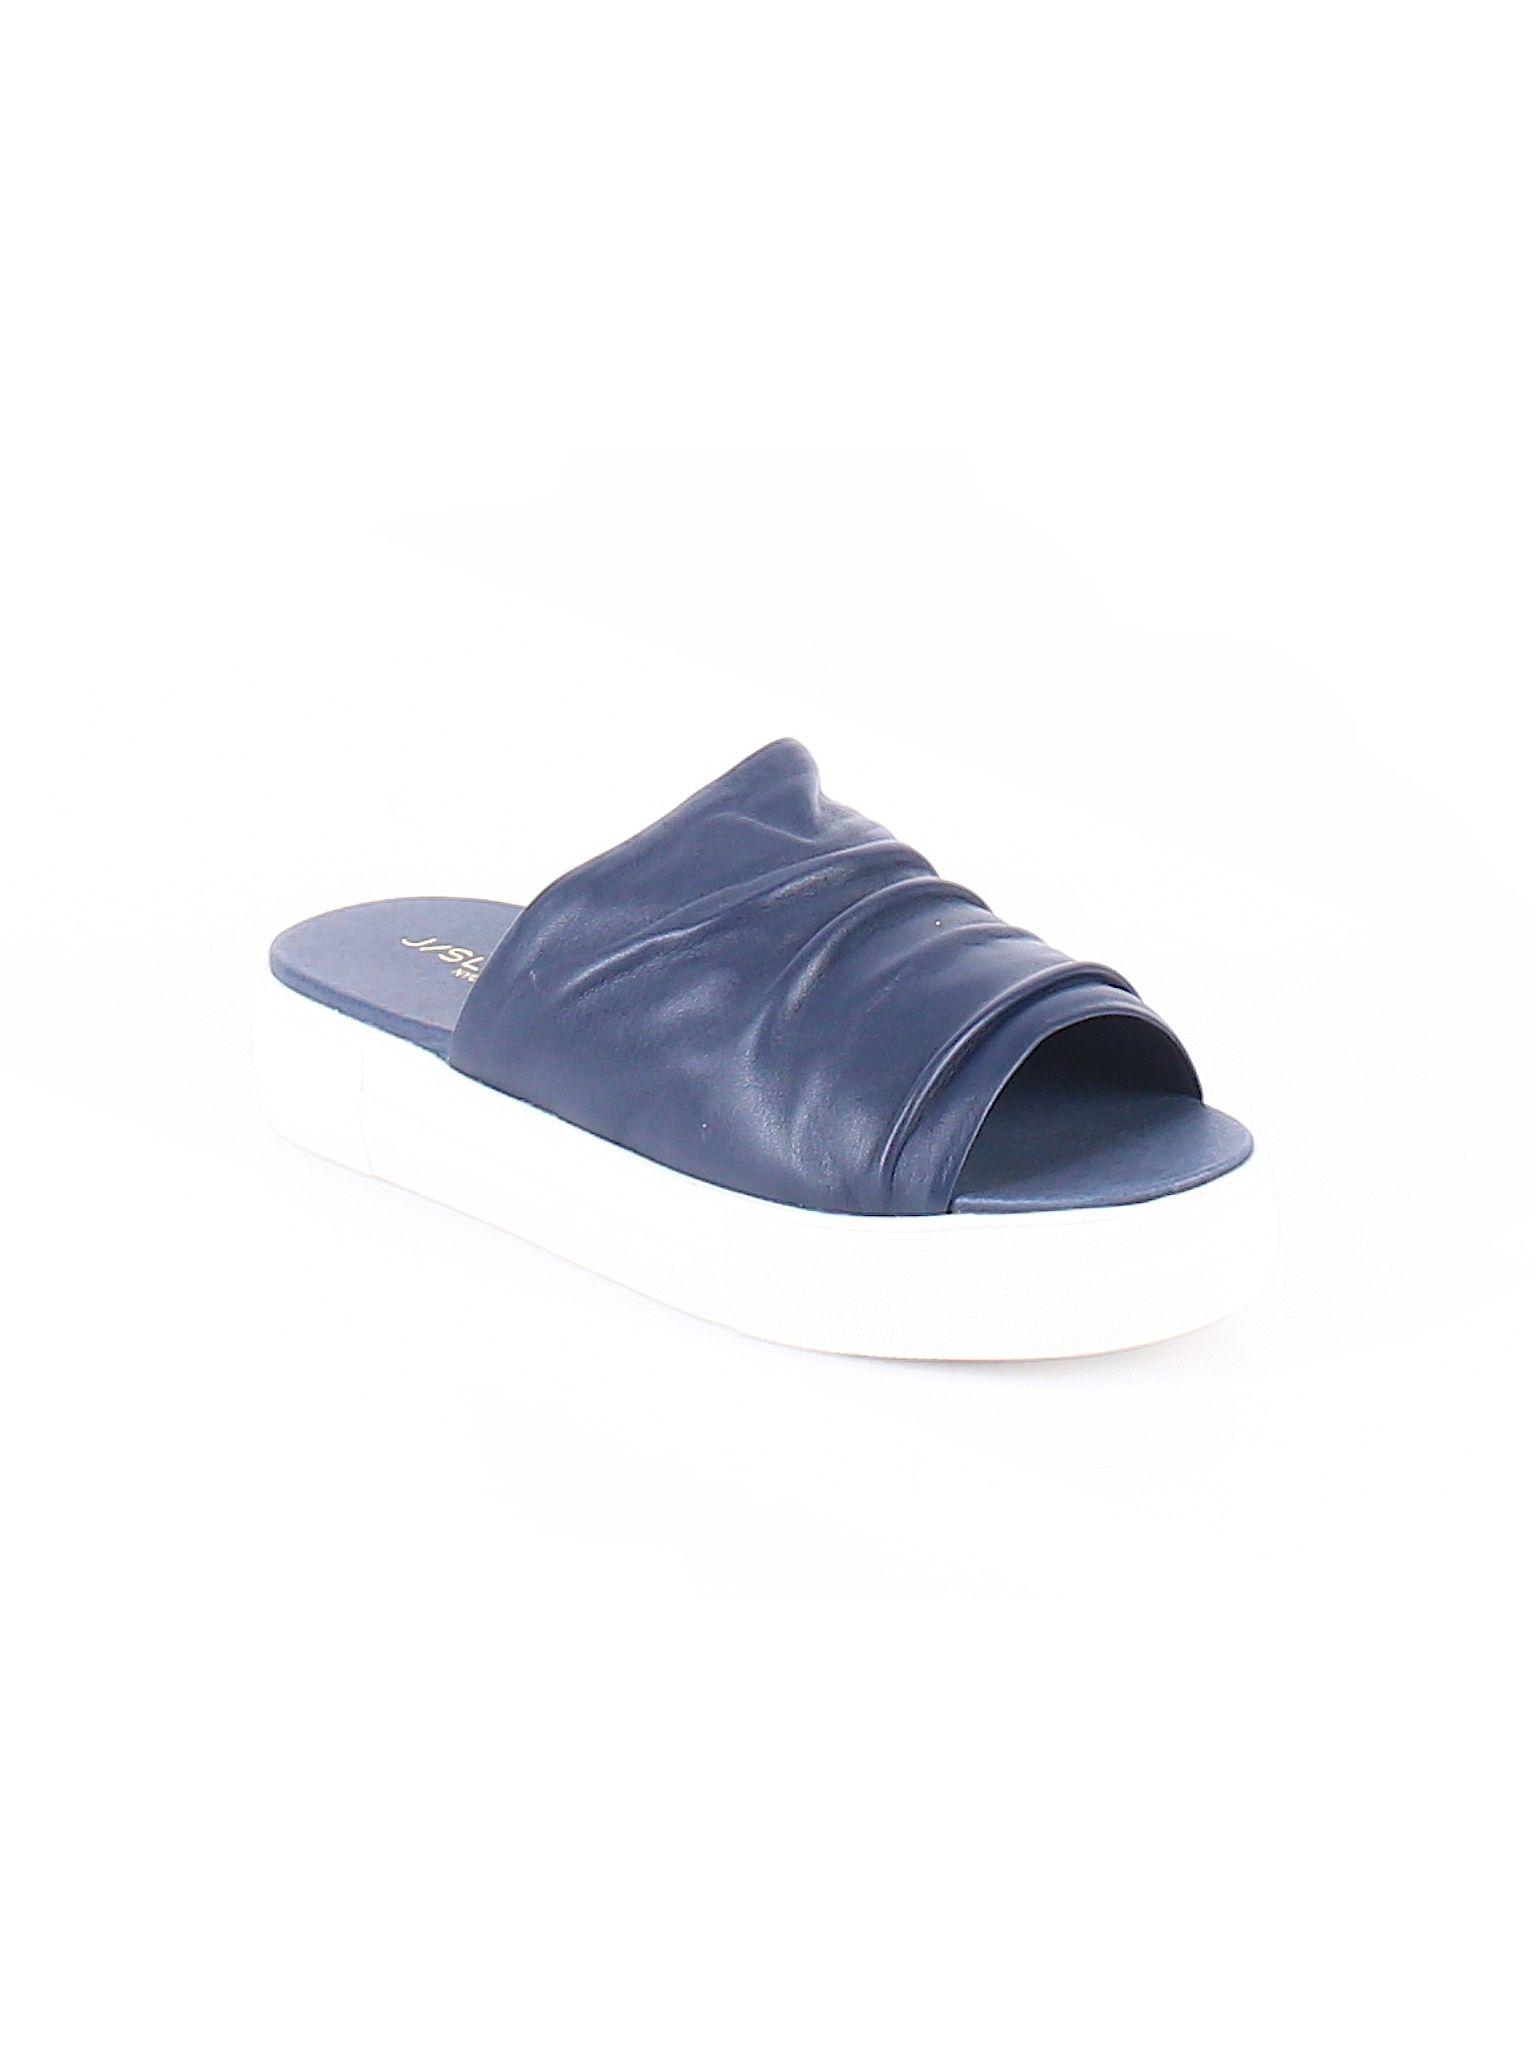 Navy blue sandals, Slide sandals